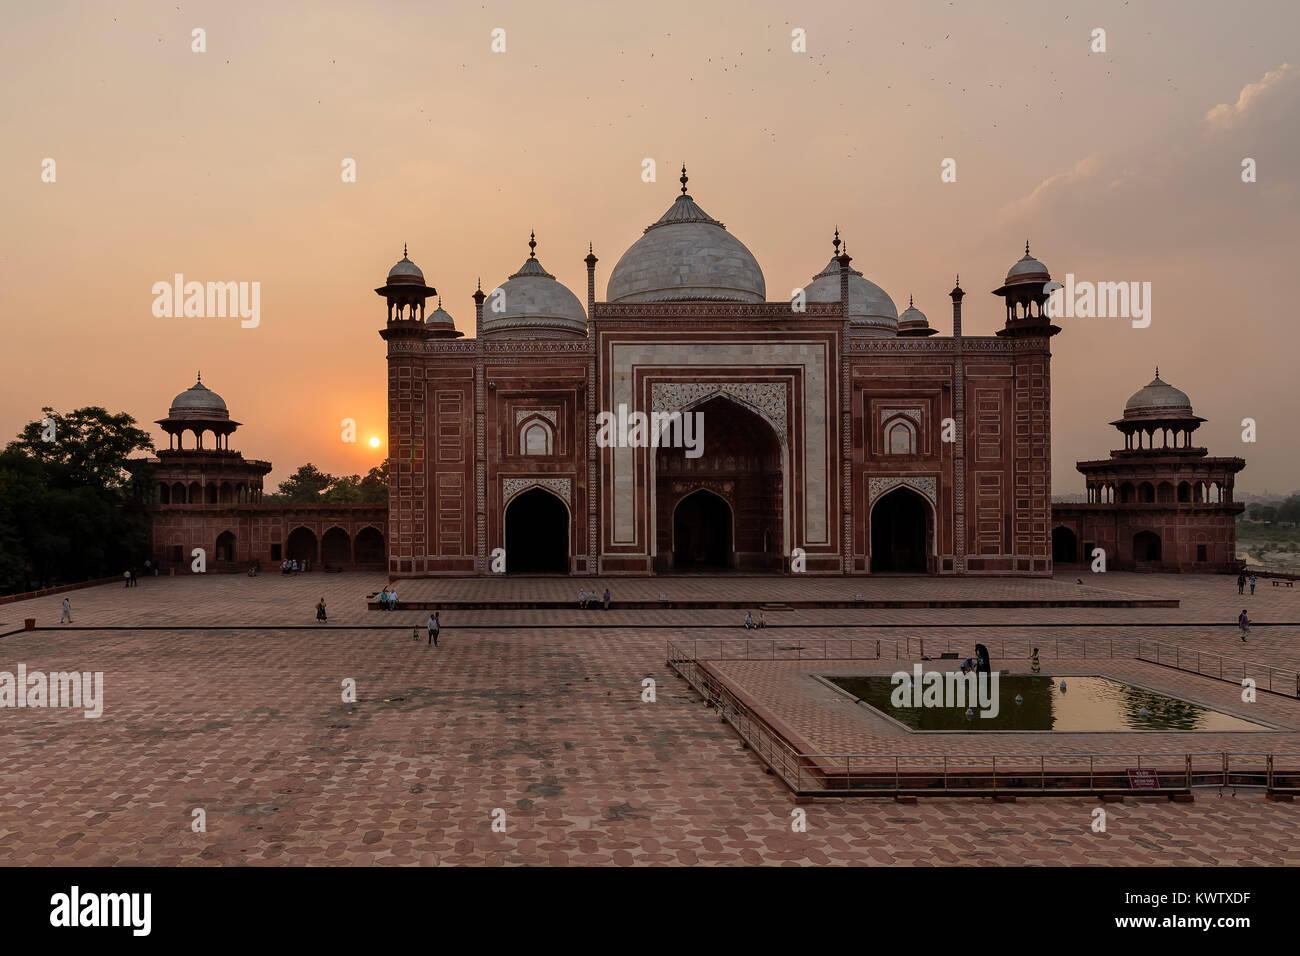 L'UAE divieto contro la moschea di al tramonto, Taj Mahal complessa, Agra, Uttar Pradesh, India Immagini Stock